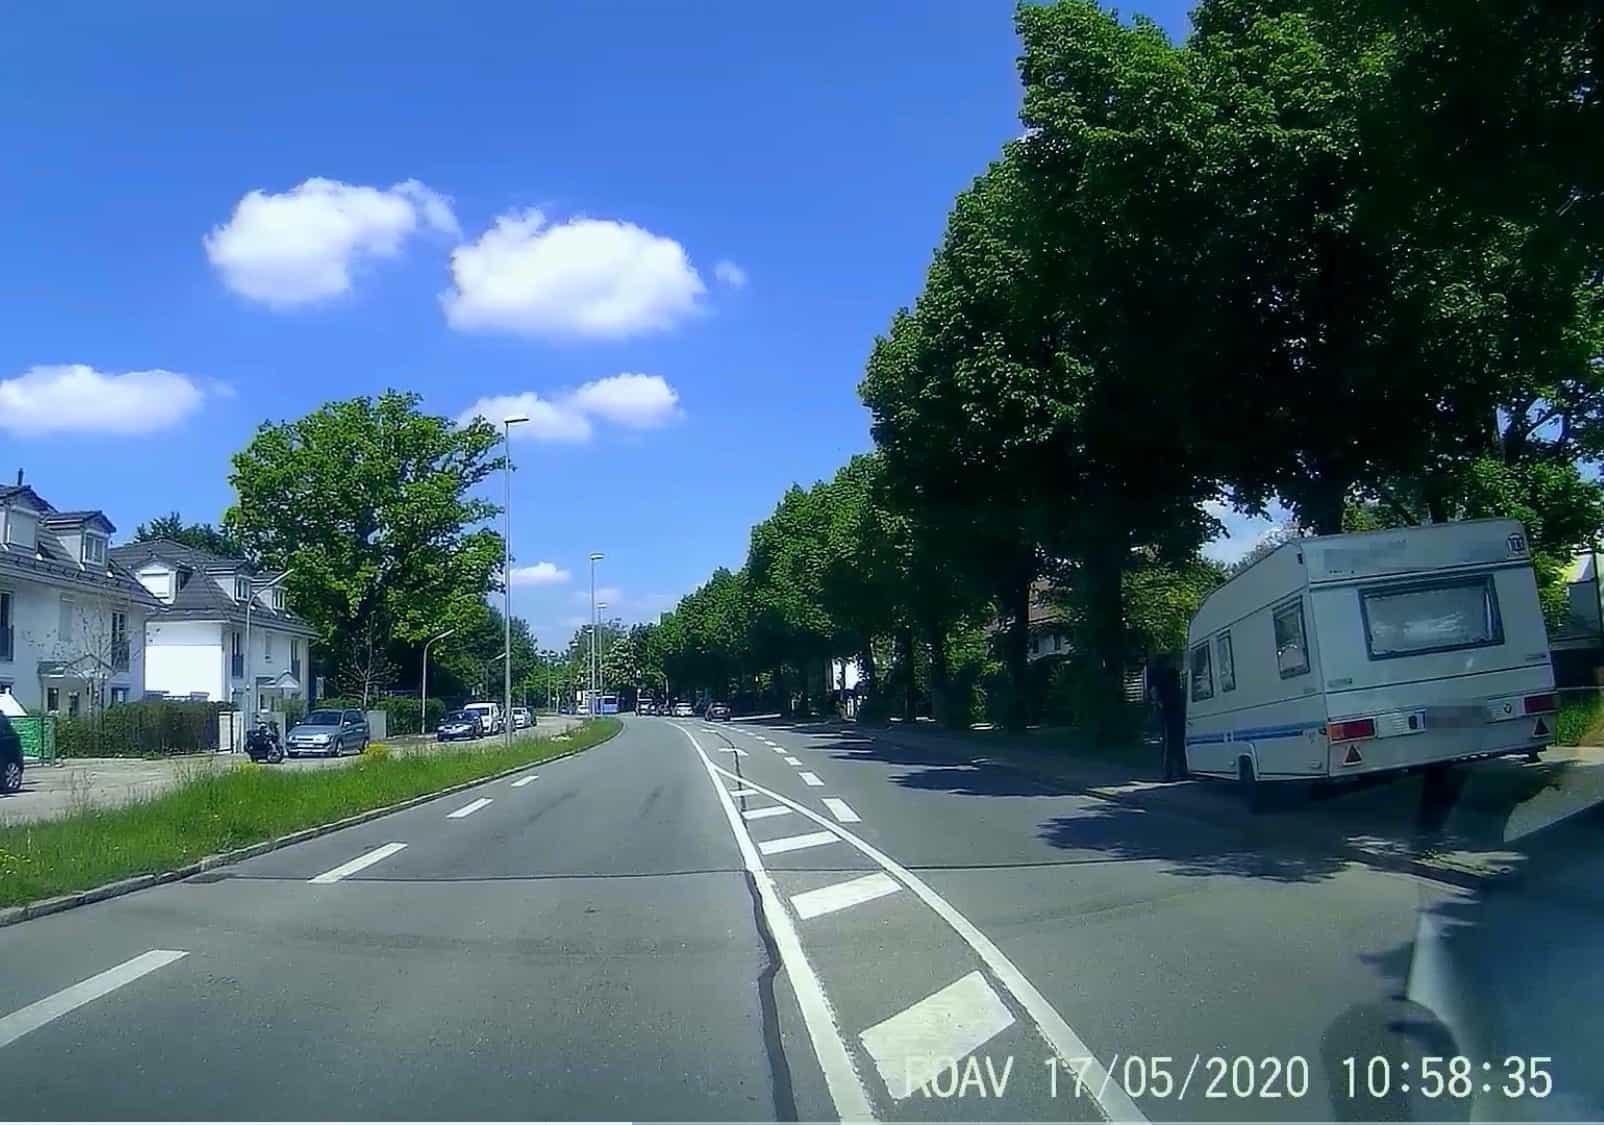 Wohnwagen-Anhänger-Crash-gegen-Baum